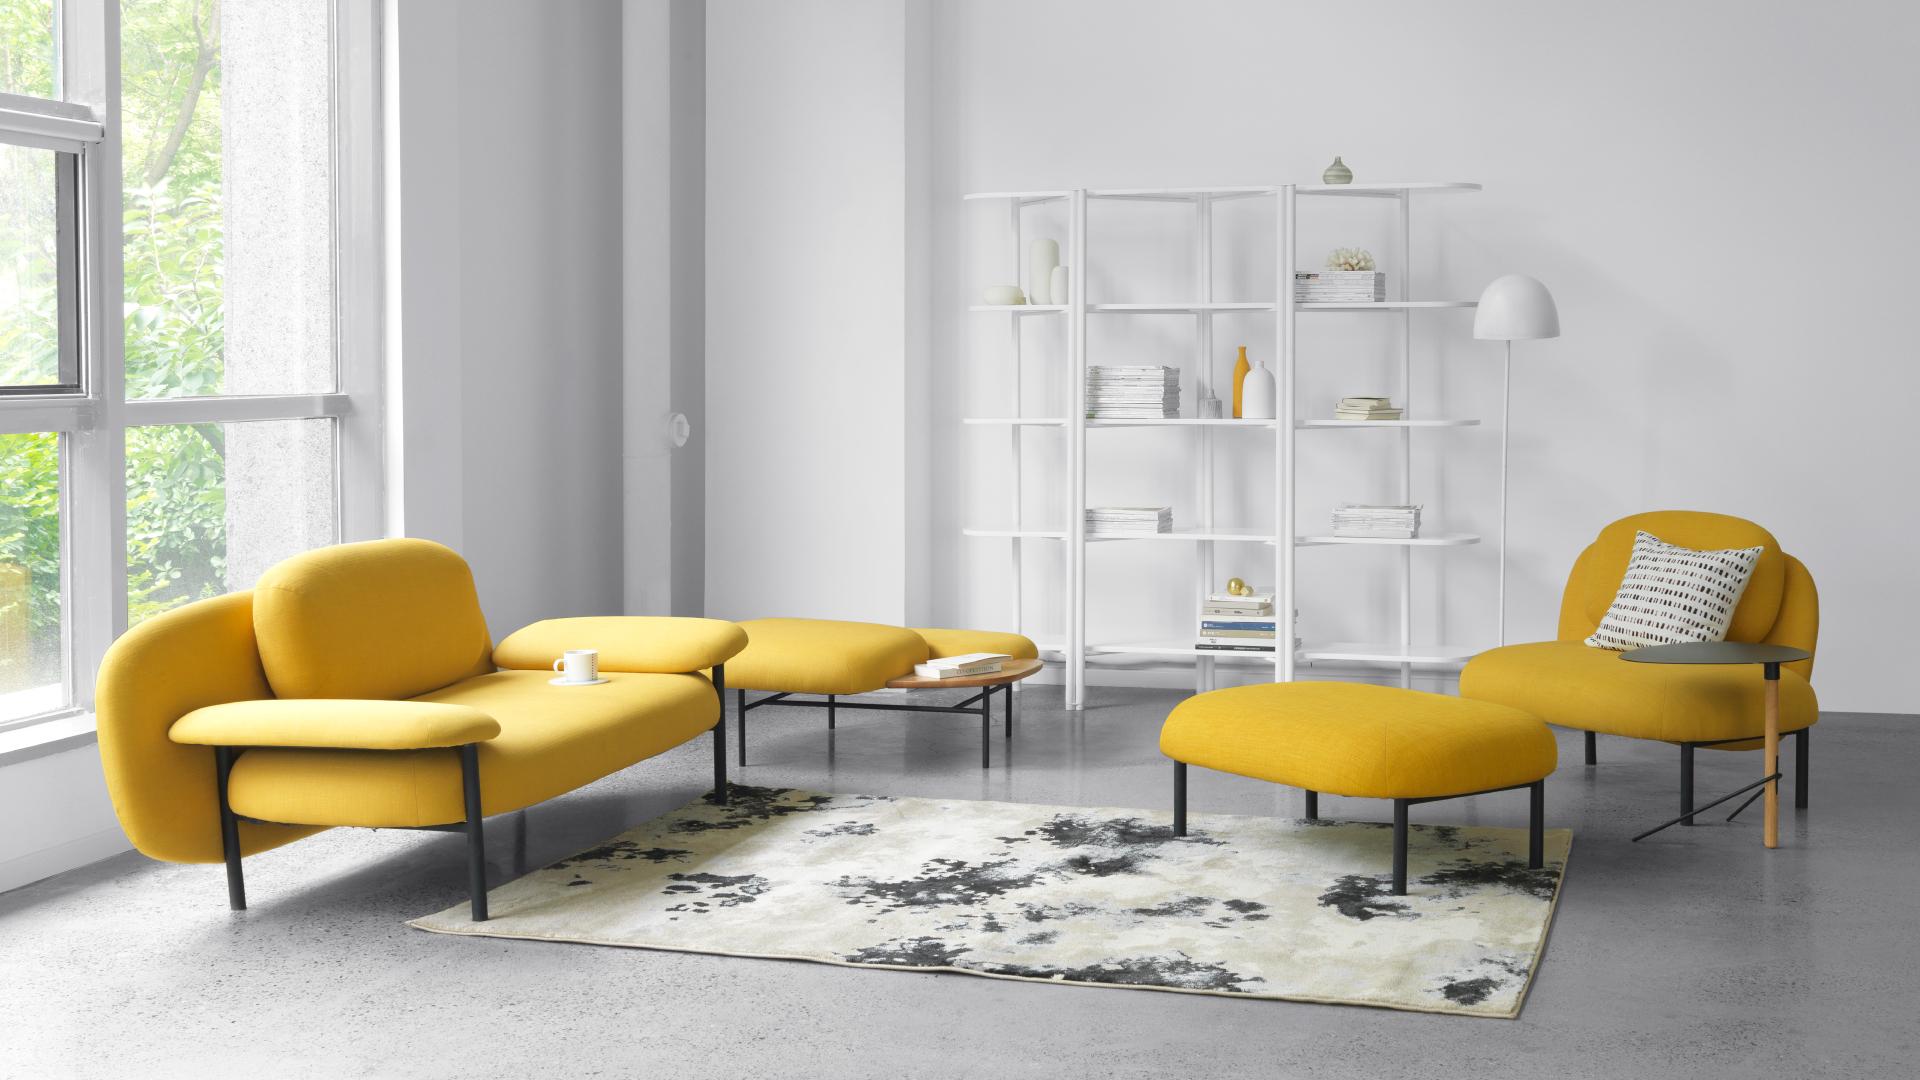 厚重家具不再是塞满大客厅的标配,轻体量、多组合的软糖沙发拼搭出错落层次,巧妙打造空间留白,空间半饱是一种乐趣,可以让你尽情地享受解构和重组的快感。?x-oss-process=image/format,jpg/interlace,1